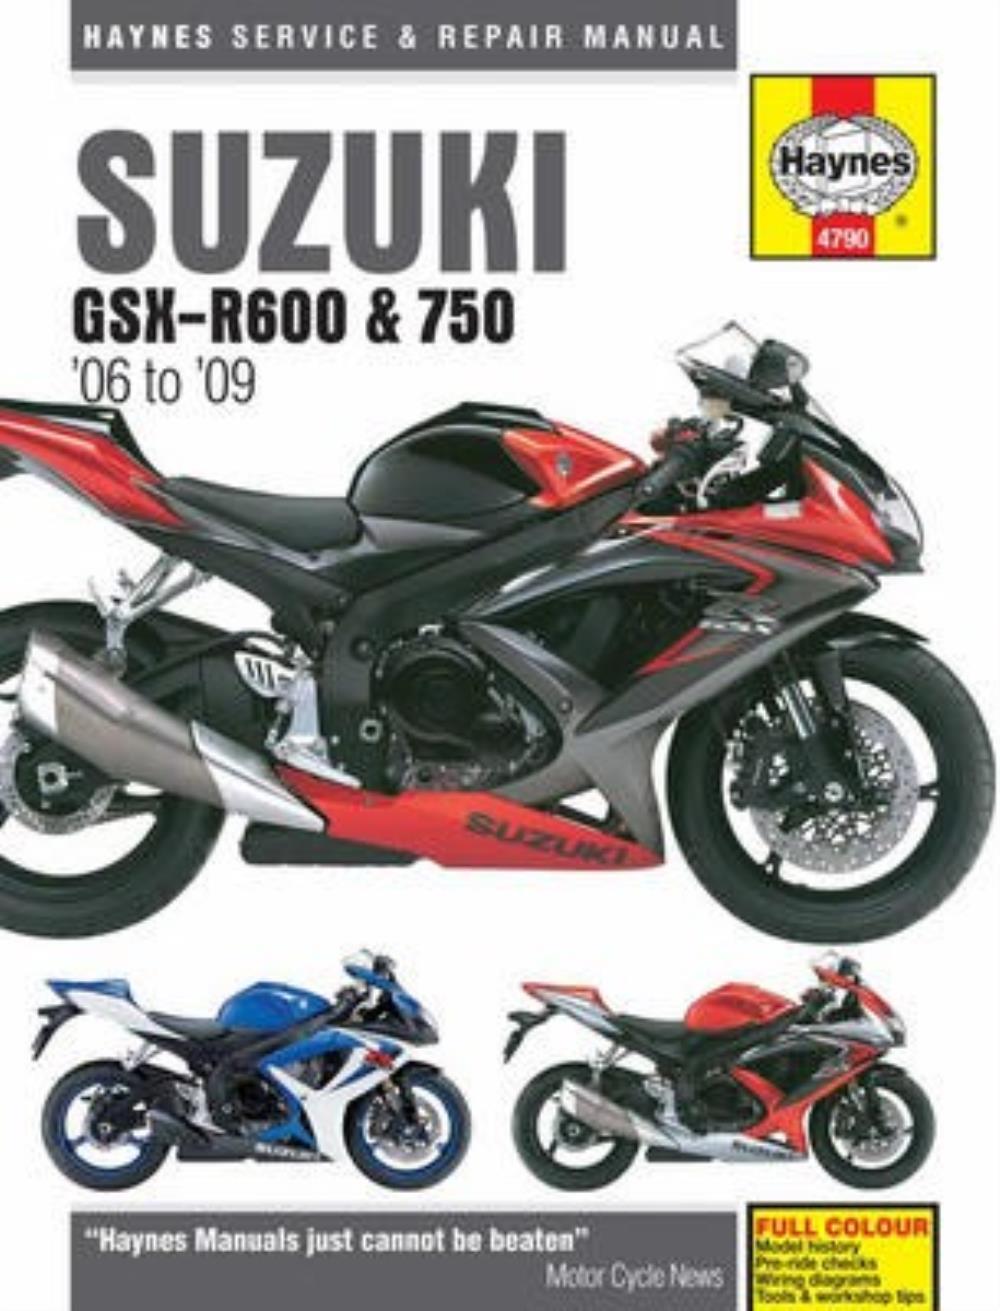 Manual Haynes for 2007 Suzuki GSX-R 750 K7 (L/C) (EFI). Description. Manual  Haynes for 2007 Suzuki GSX-R 750 ...